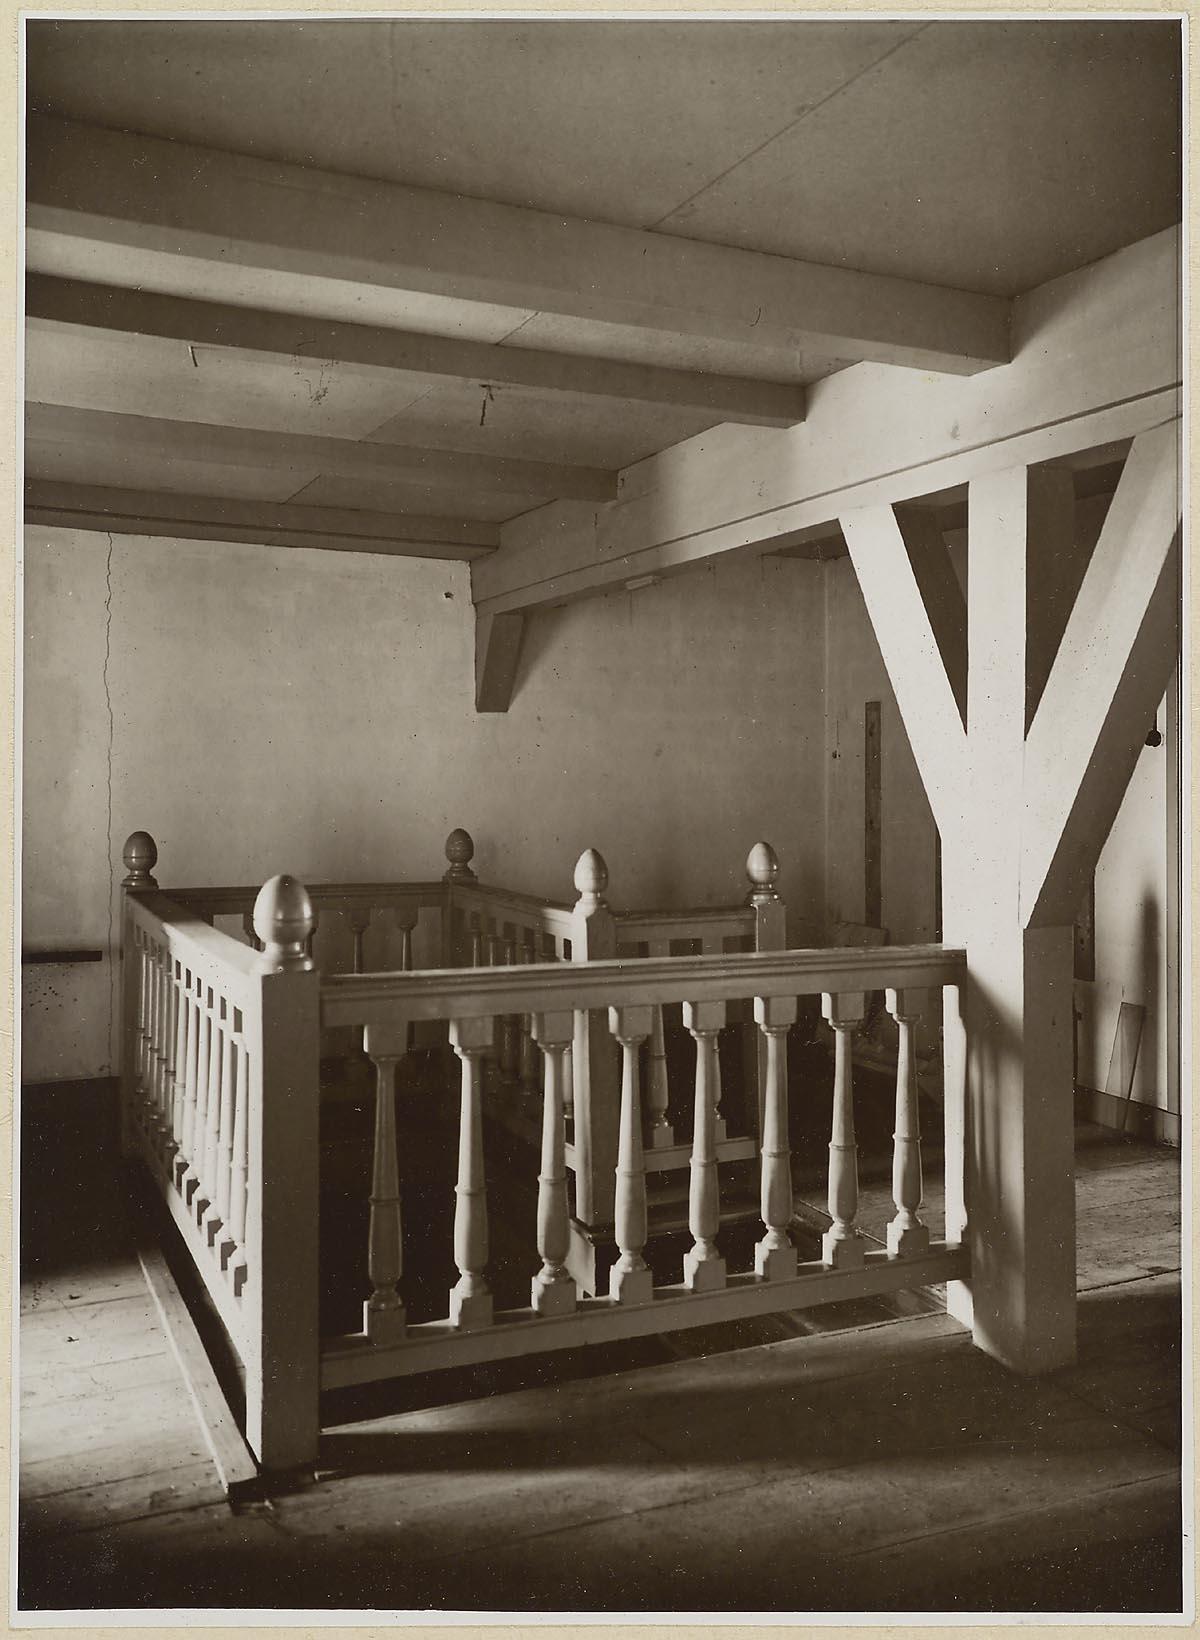 39 s gravenhage korte vijverberg 3 interieur balustrade op zolder bij oude trap het geheugen - Balustrade trap ...